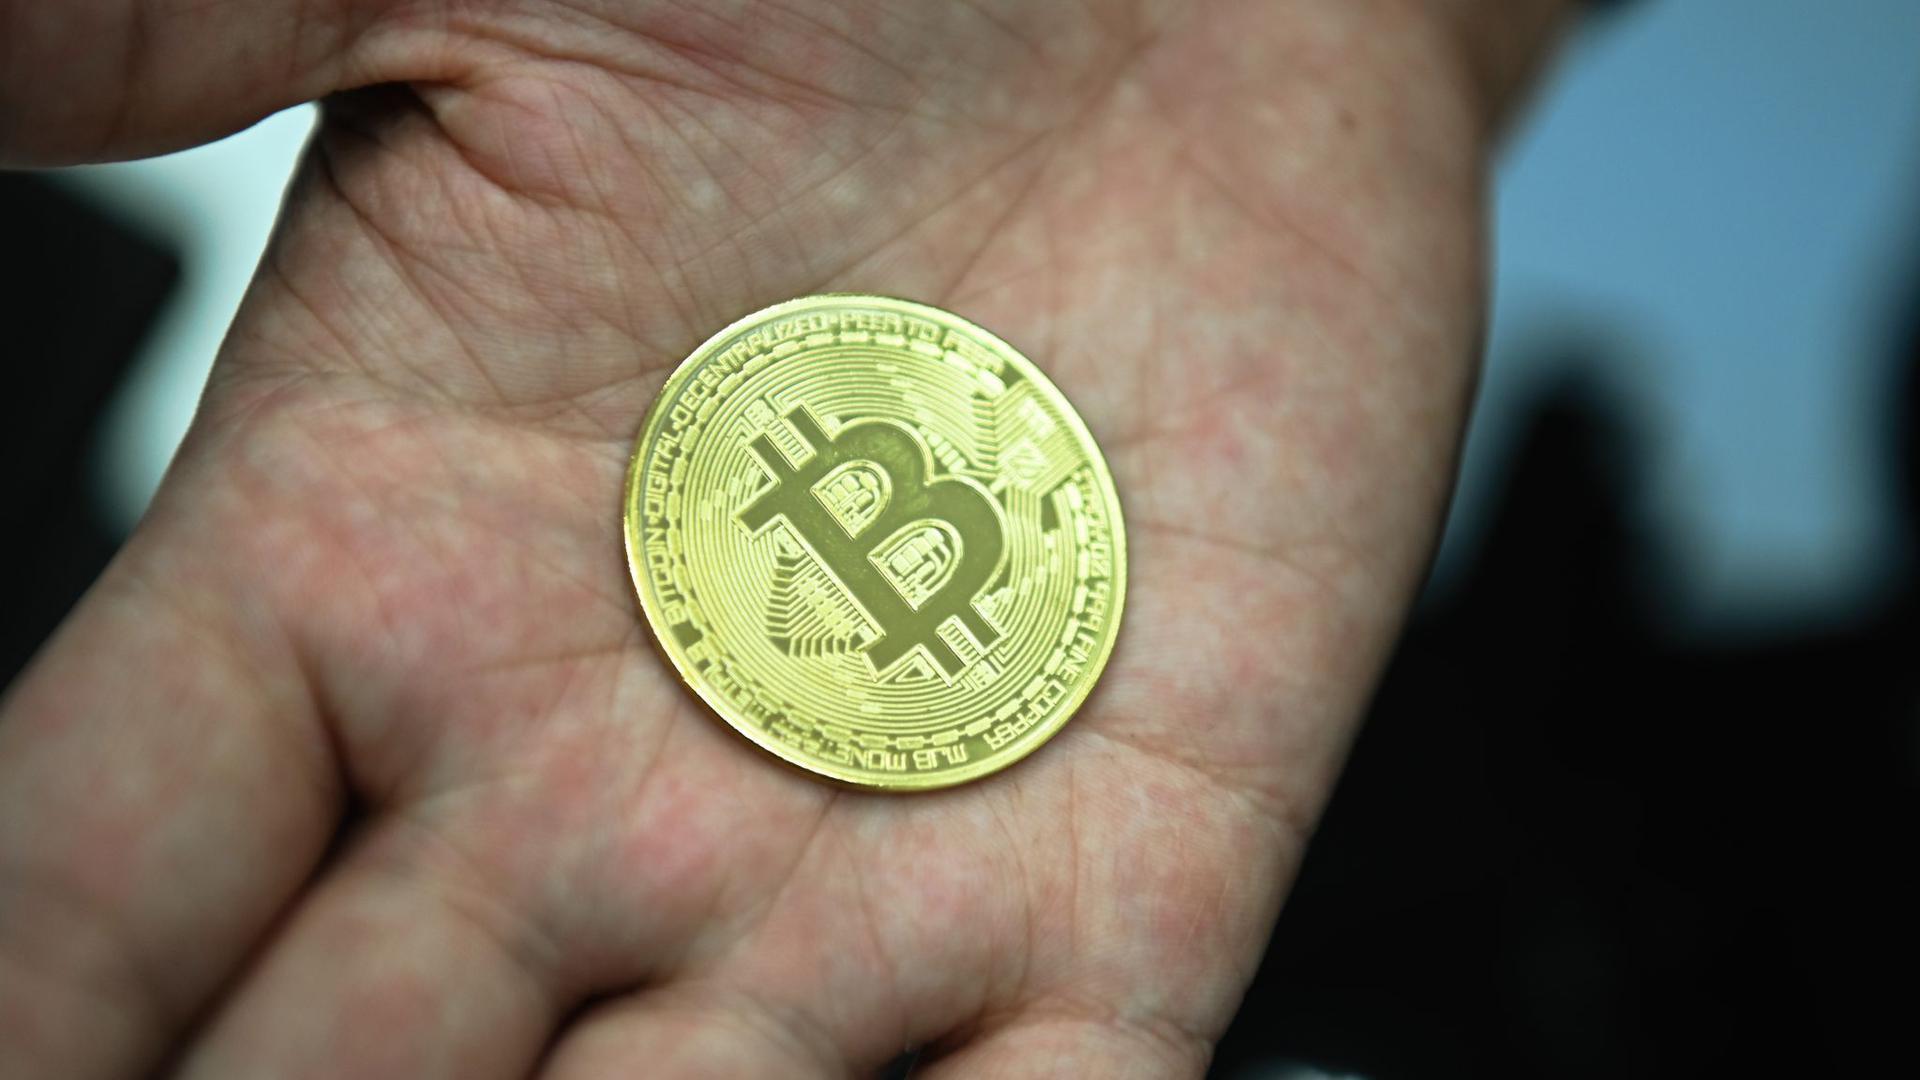 Münze mit Bitcoin-Logo: Verbraucherschützer warnen wegen der stark volatilen Kurse generell von einer Anlage in der Kryptowährung.